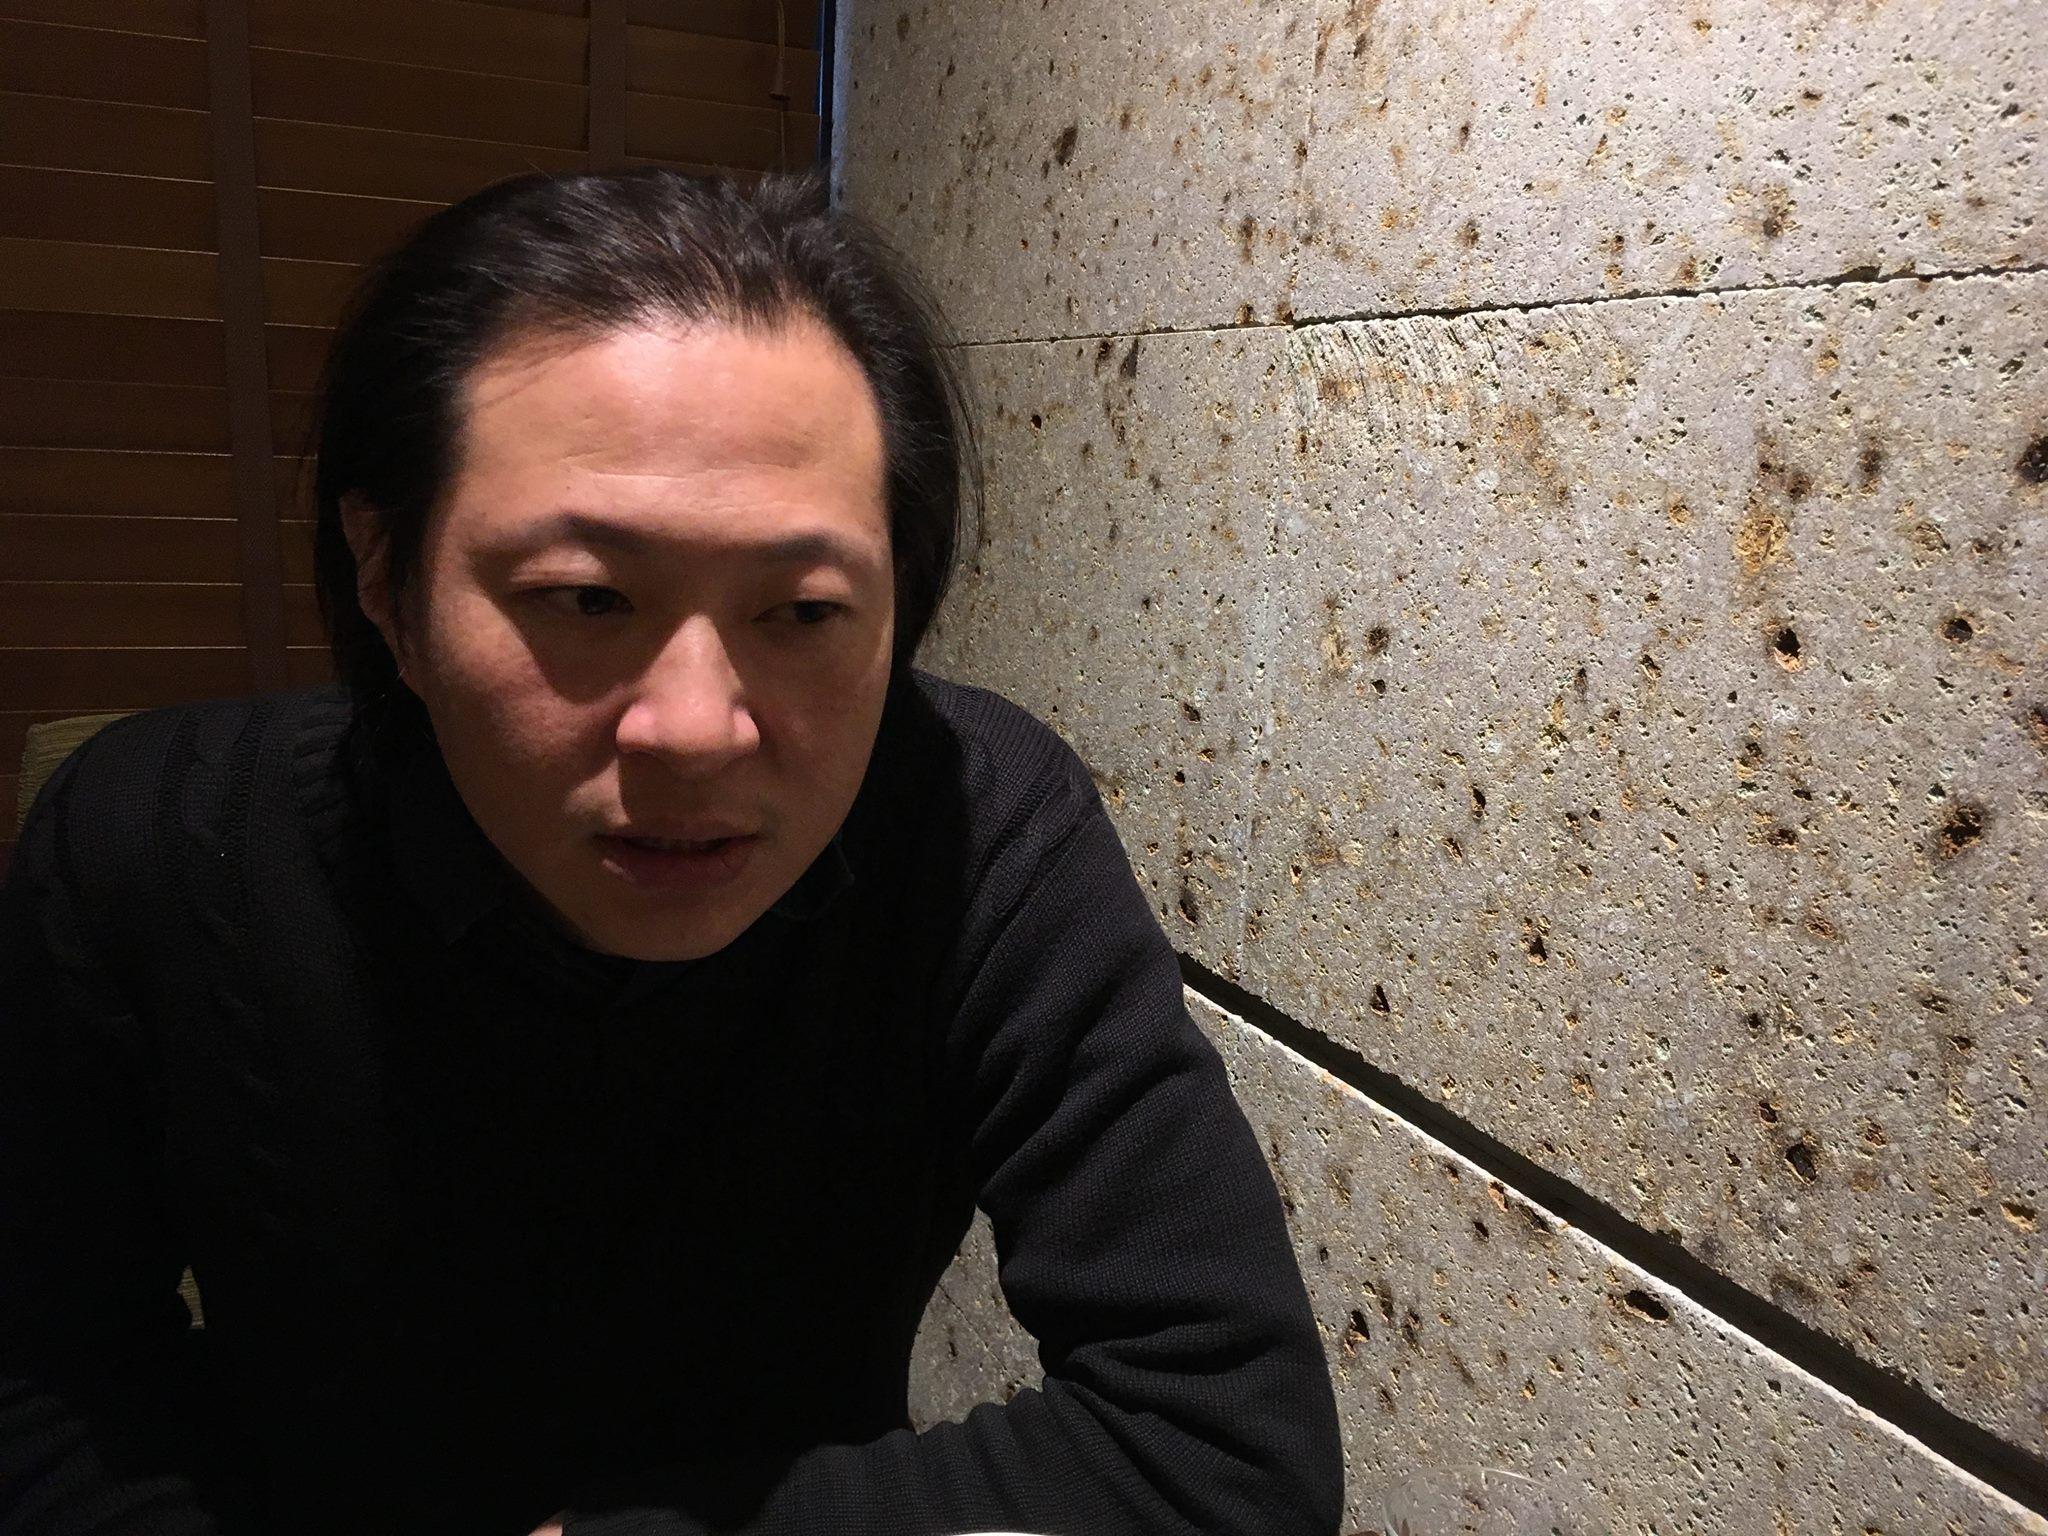 忠敏哥:「我對土地有很深的情感,想要做的是一個抗議者,覺得現在的環境很糟,但我們不應該只有悲觀,我想要從越黑暗的地方看到一些光......。」